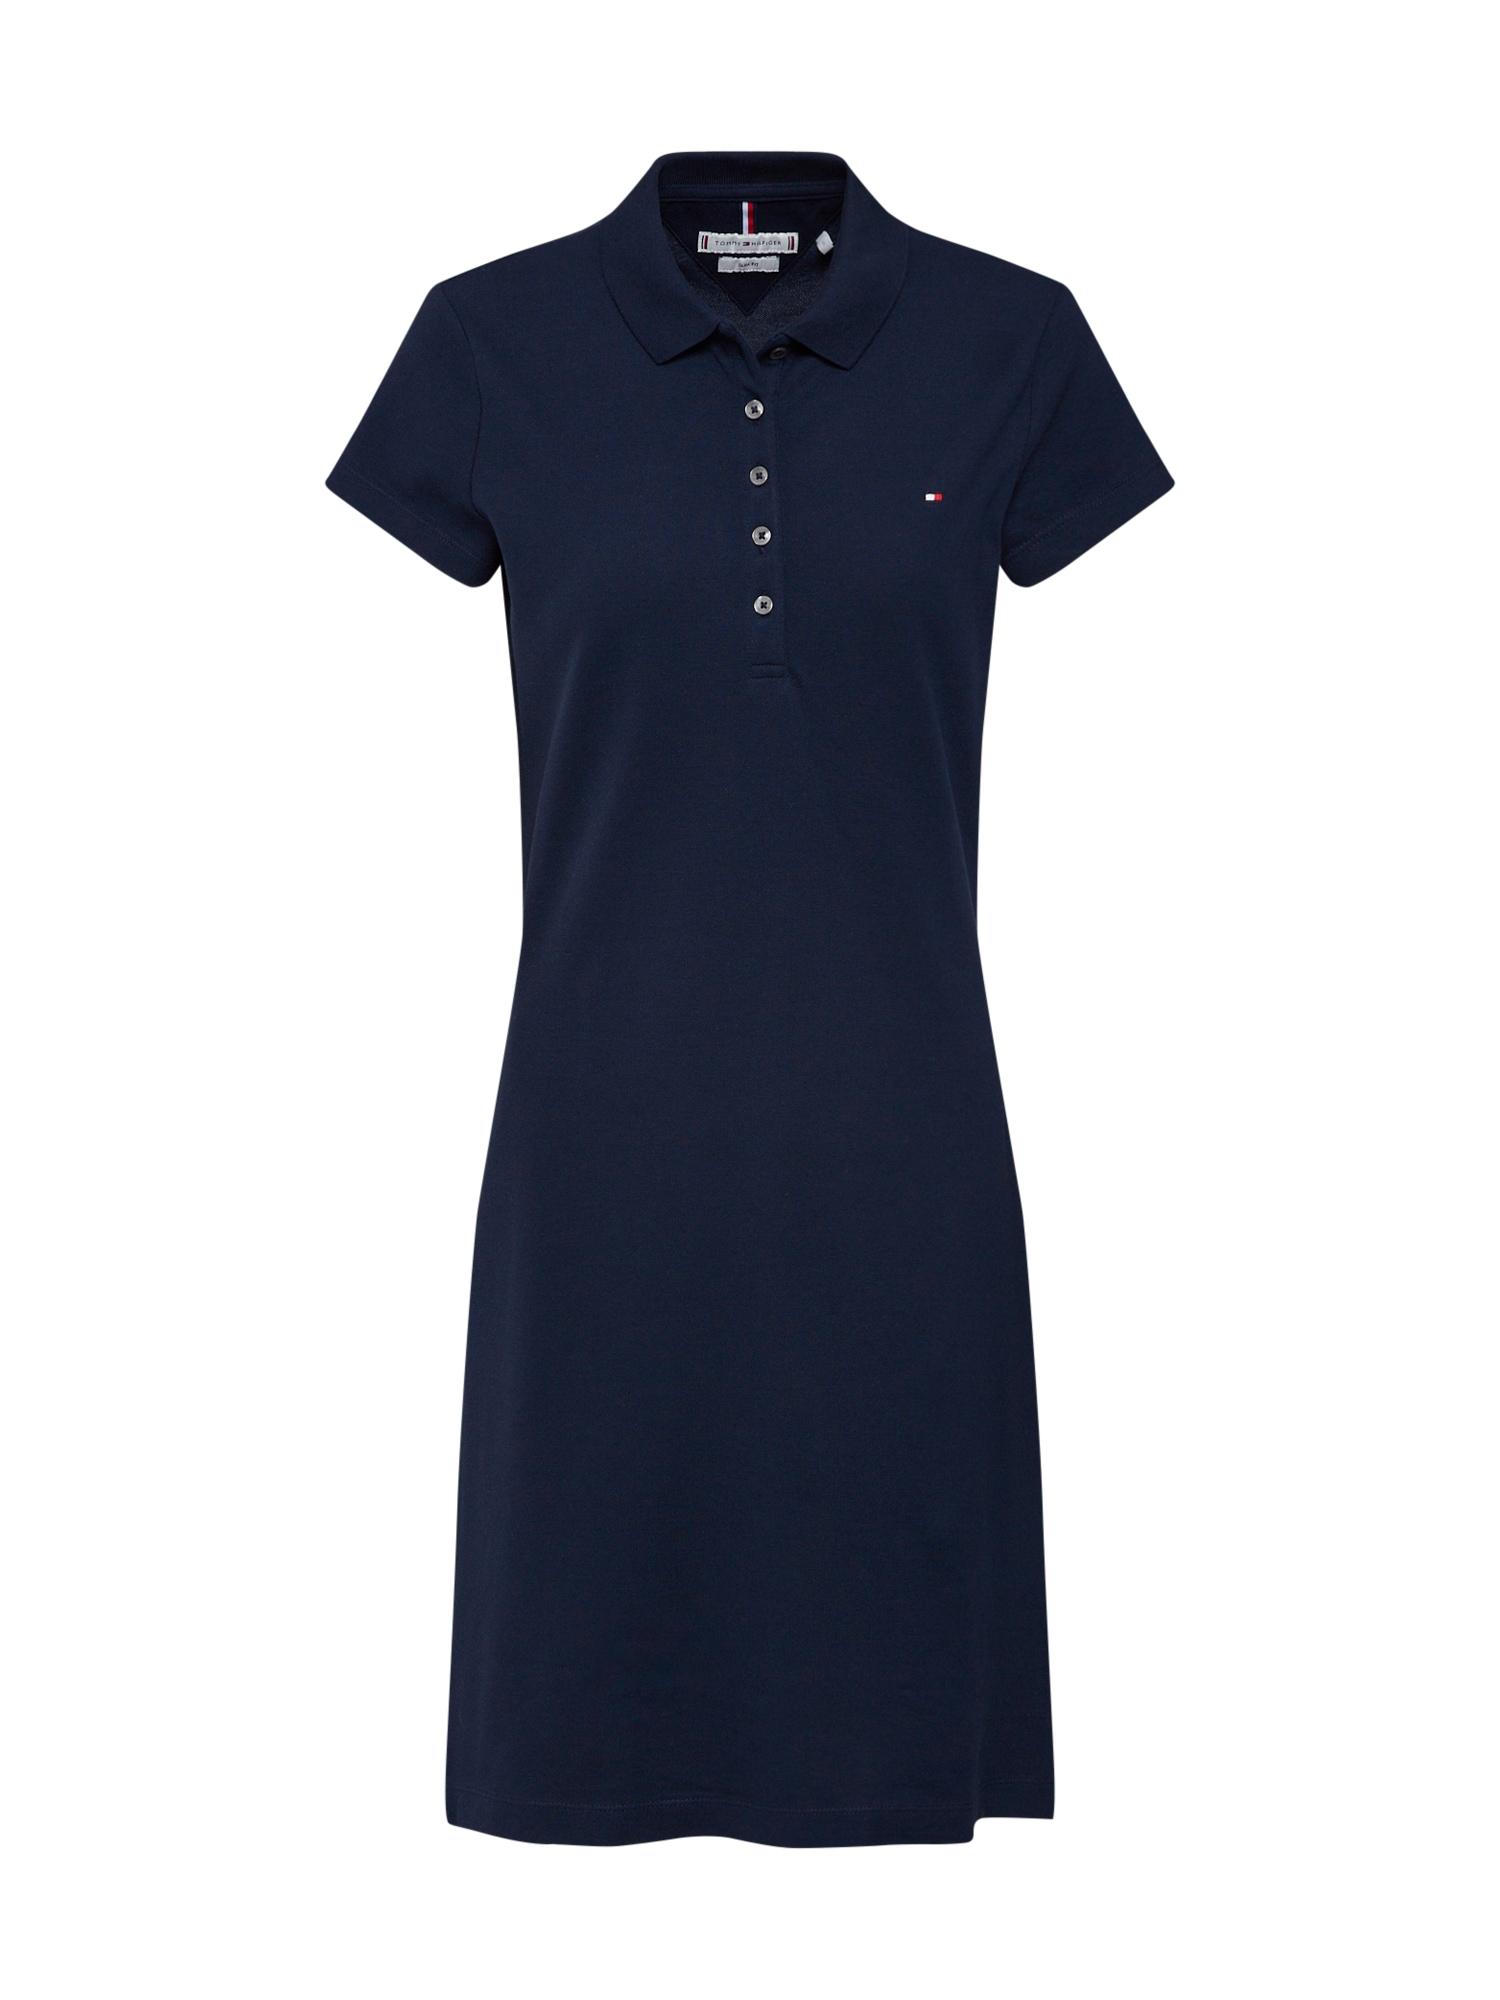 Šaty HERITAGE SLIM POLO DRESS tmavě modrá TOMMY HILFIGER